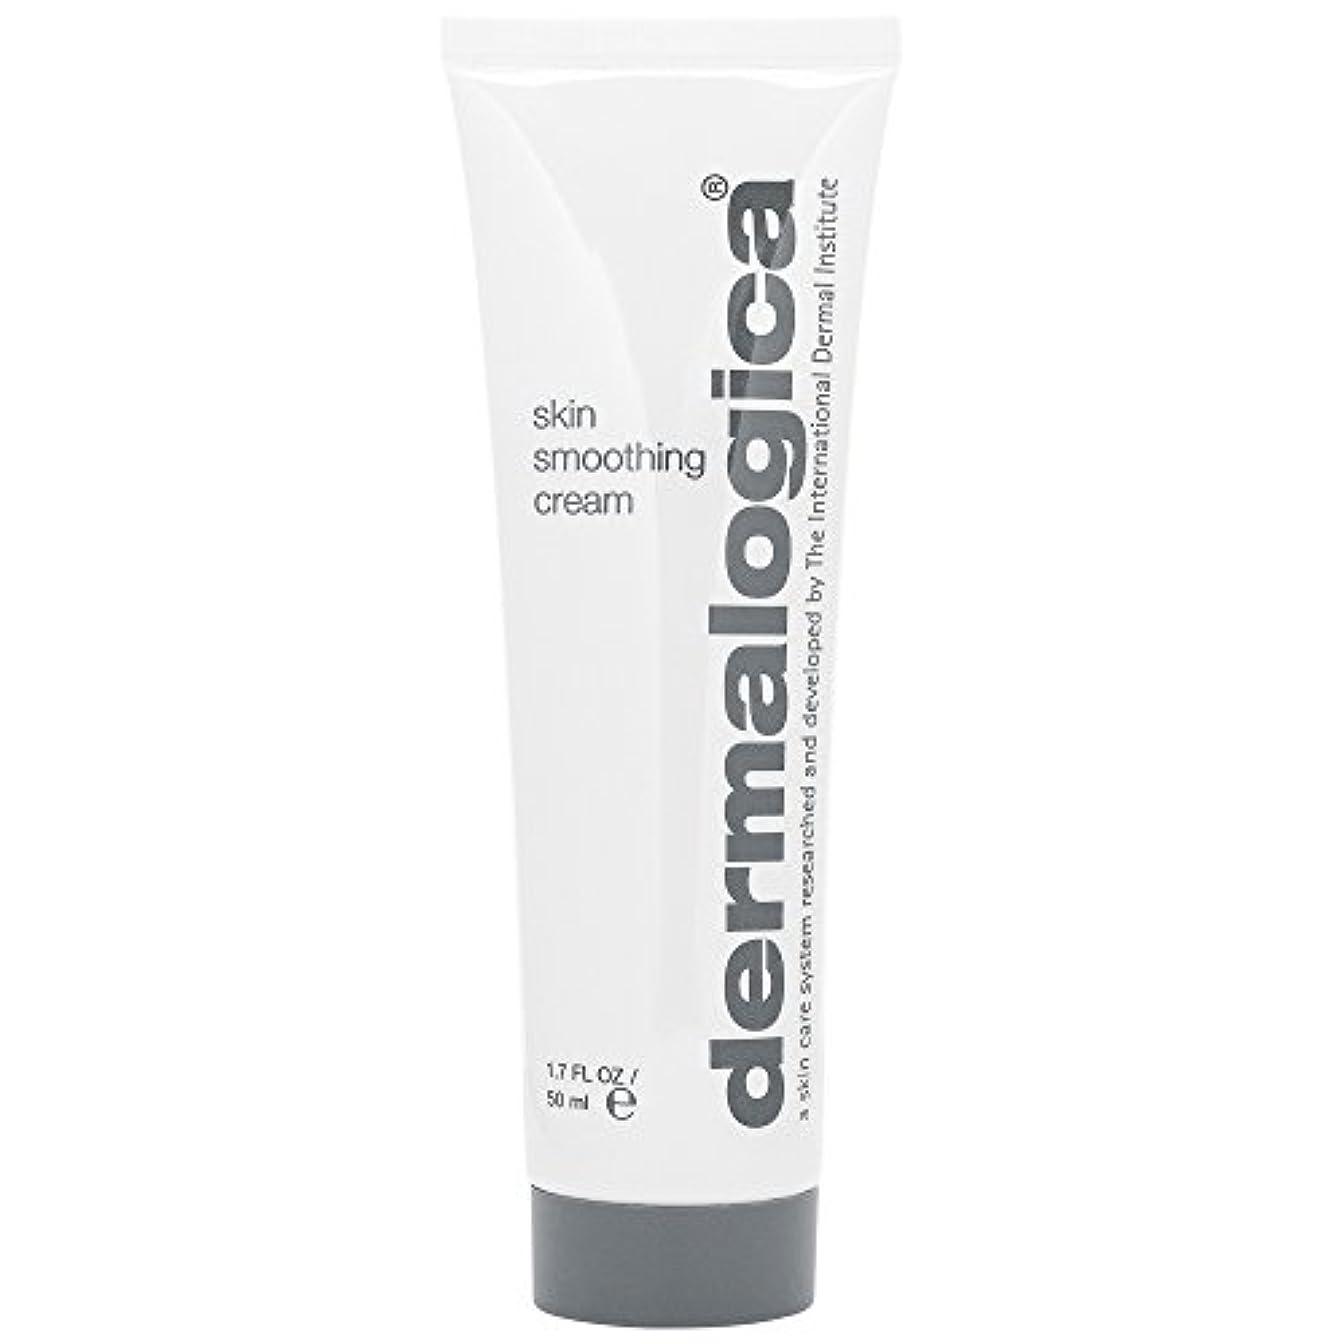 あたたかい美しいエリートダーマロジカスキンスムージングクリーム50ミリリットル (Dermalogica) (x2) - Dermalogica Skin Smoothing Cream 50ml (Pack of 2) [並行輸入品]